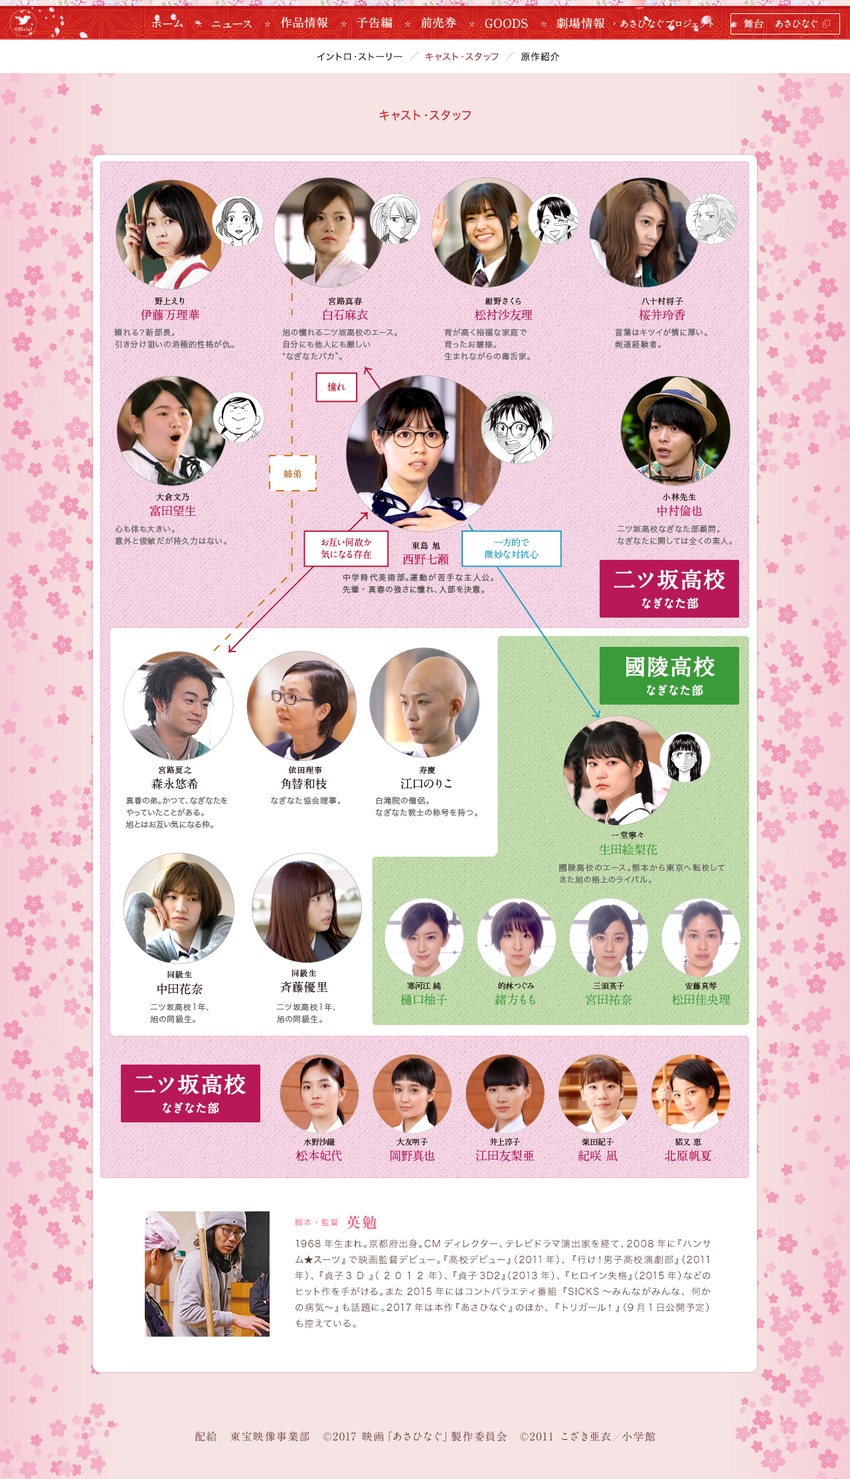 映画『あさひなぐ』 公式サイト I キャスト・スタッフ